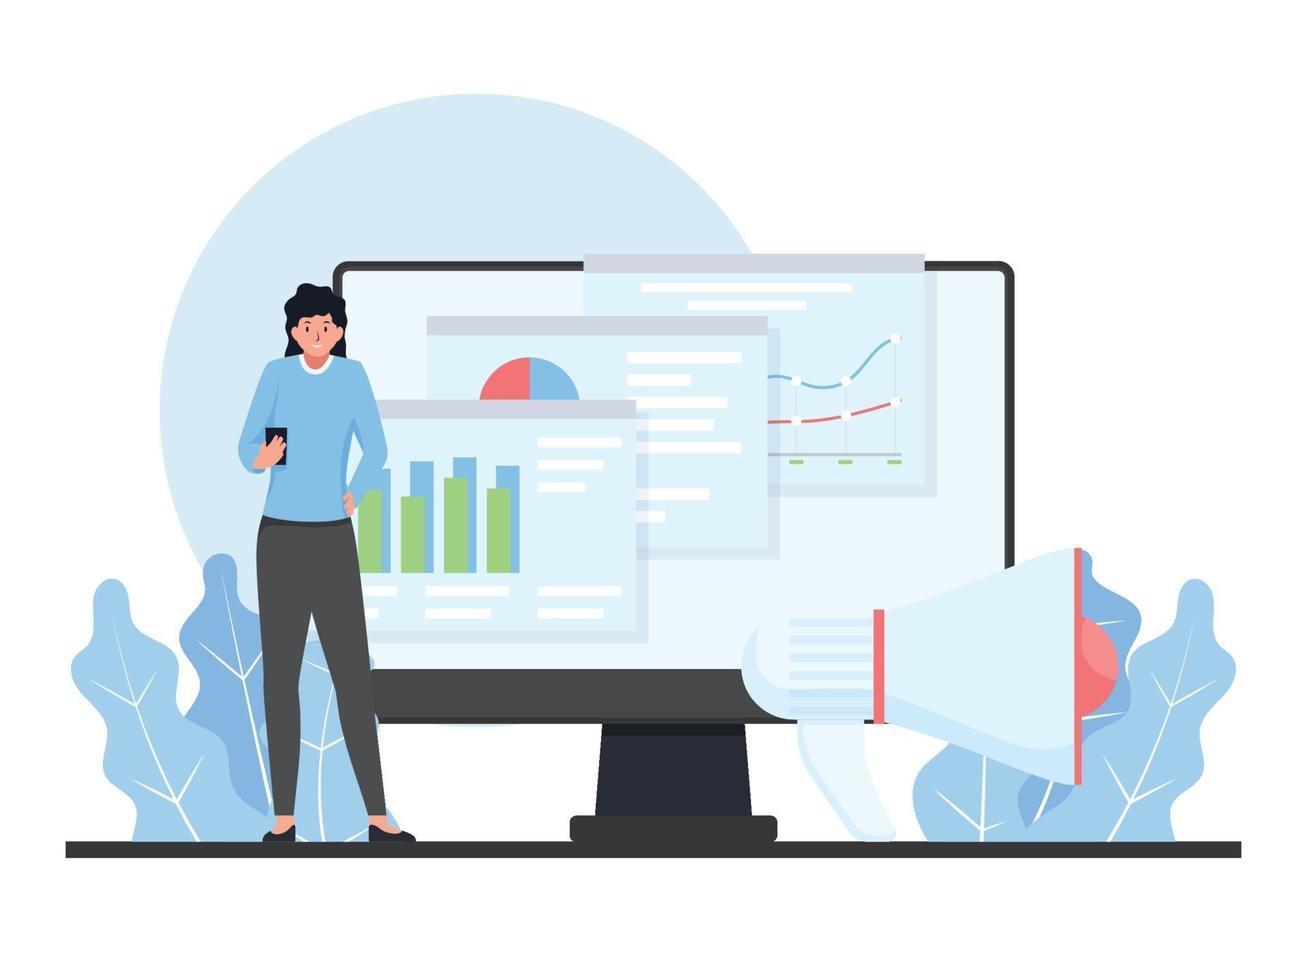 platt digital marknadsföringsillustration. vektor